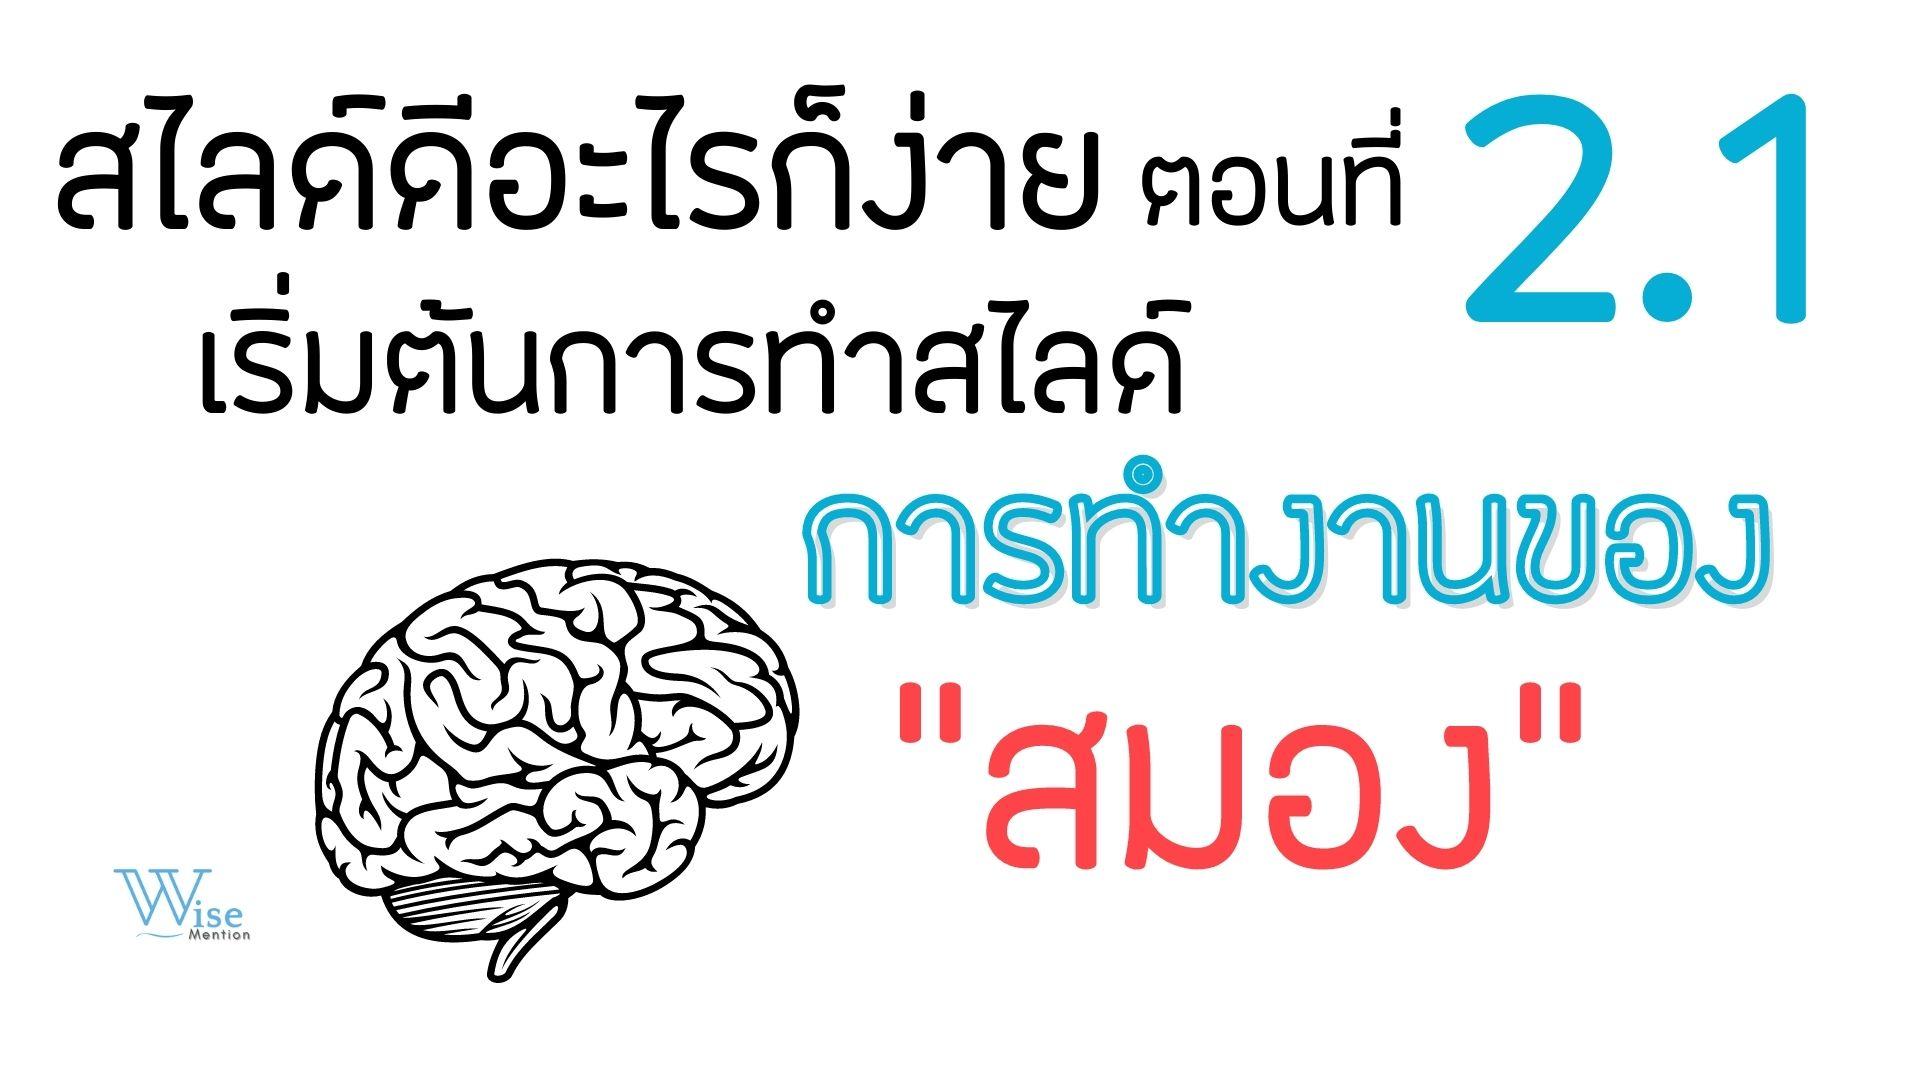 สไลด์ดีอะไรก็ง่าย: ตอนที่ 2.1 เริ่มต้นการทำสไลด์-การทำงานของสมอง